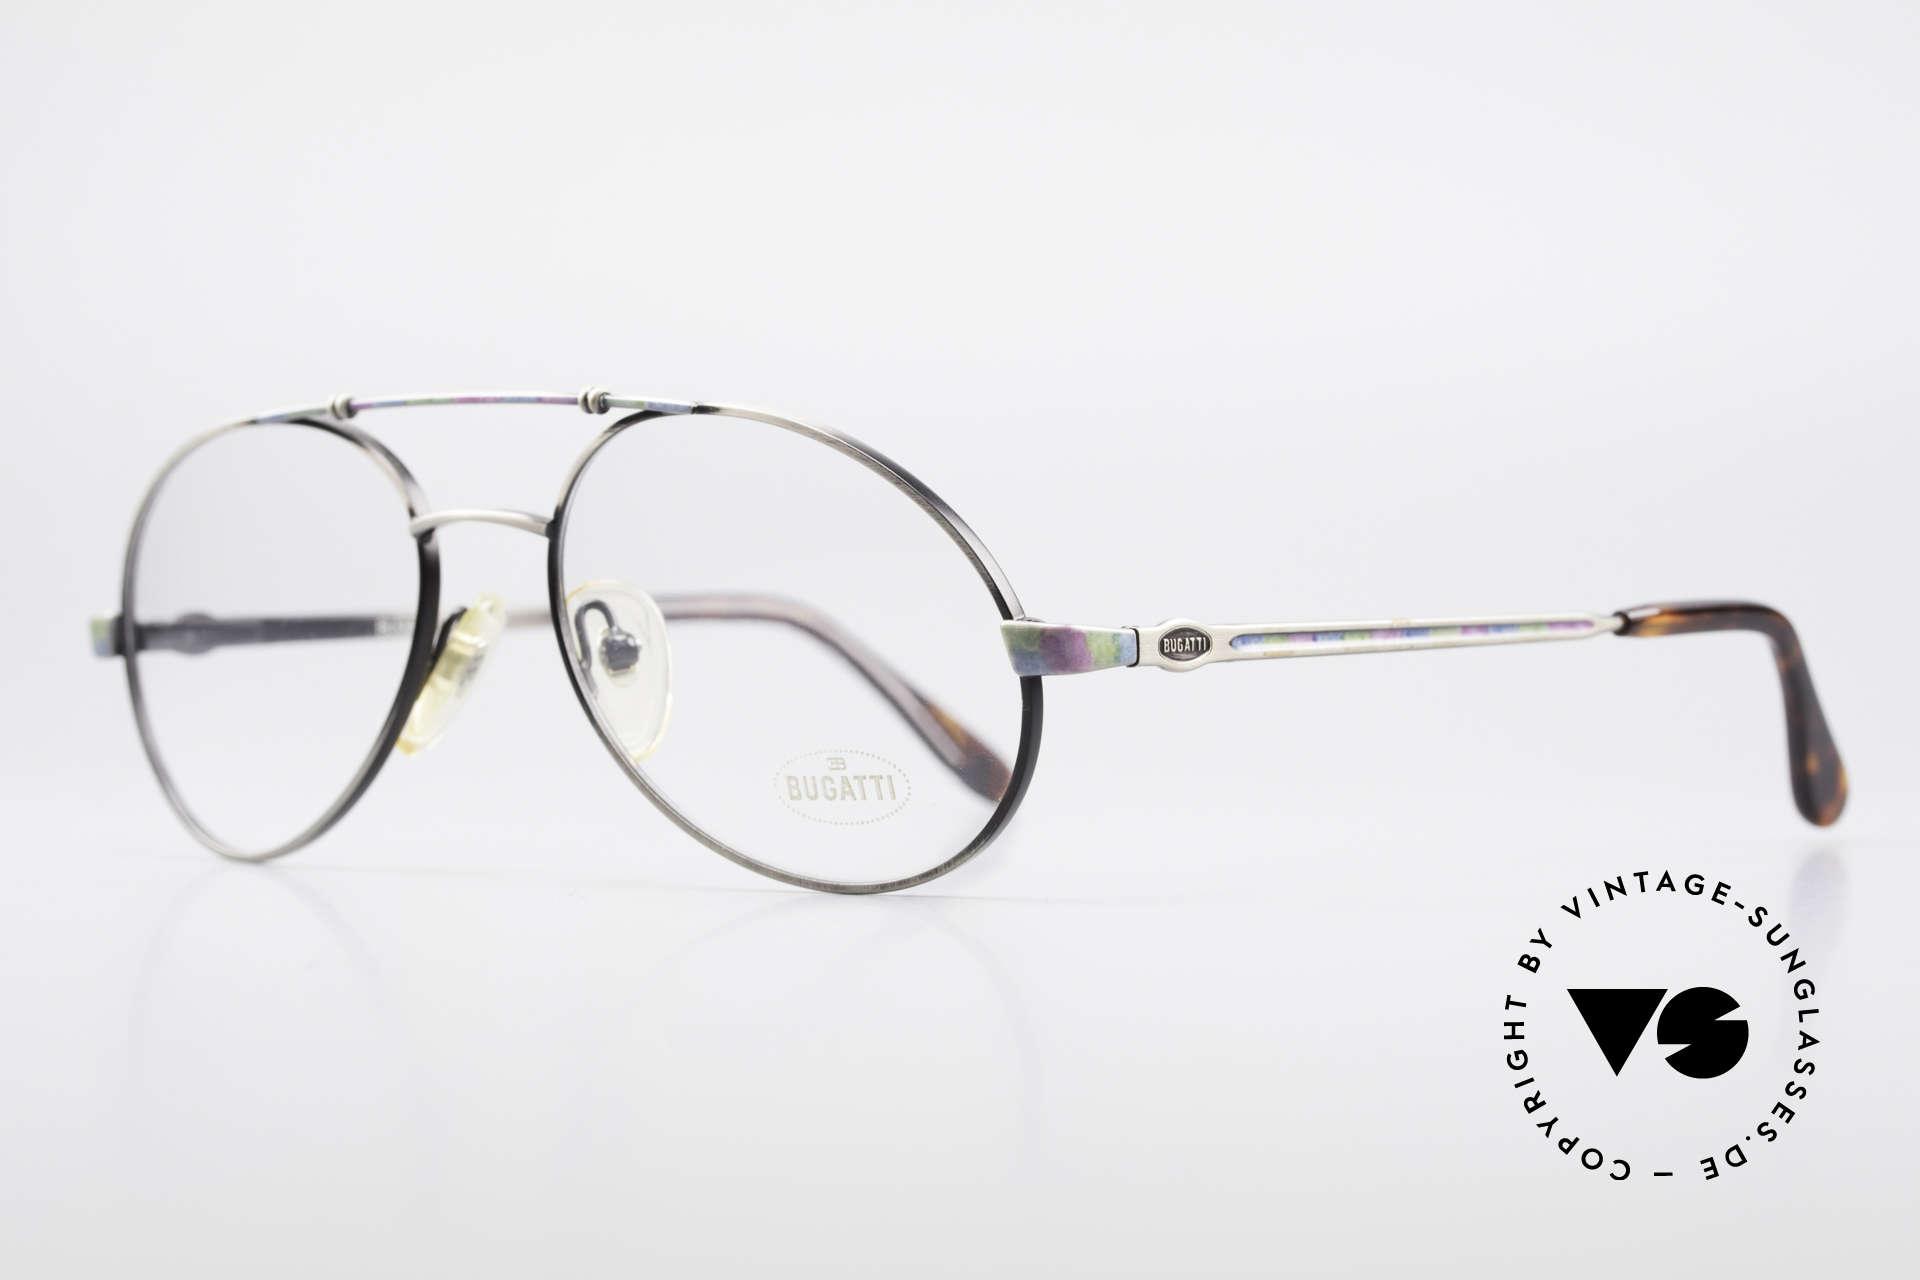 Bugatti 14841 Titanium 80er Vintage Brille, flexible Federgelenke und exzellente Verarbeitung, Passend für Herren